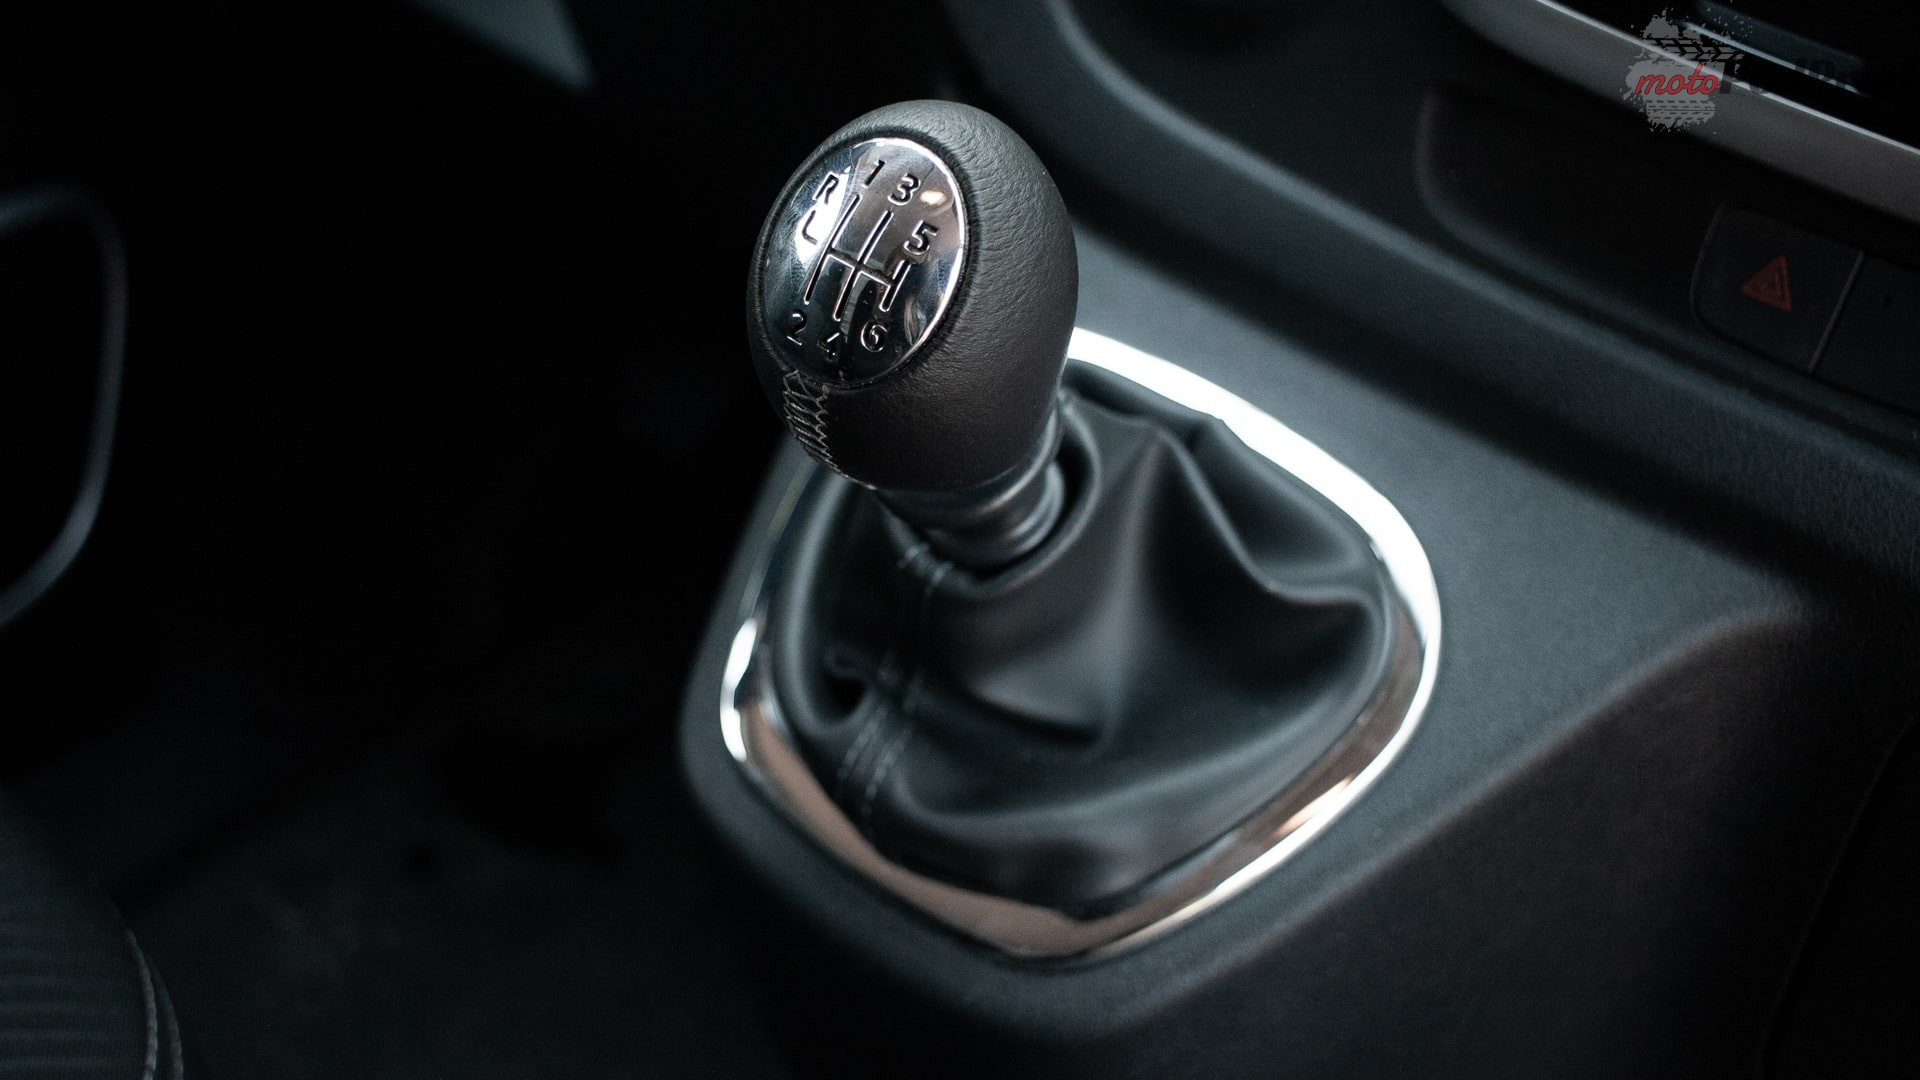 renault trafic 5 Test: Renault Trafic furgon z zabudową Renault Tech – mobilny serwis